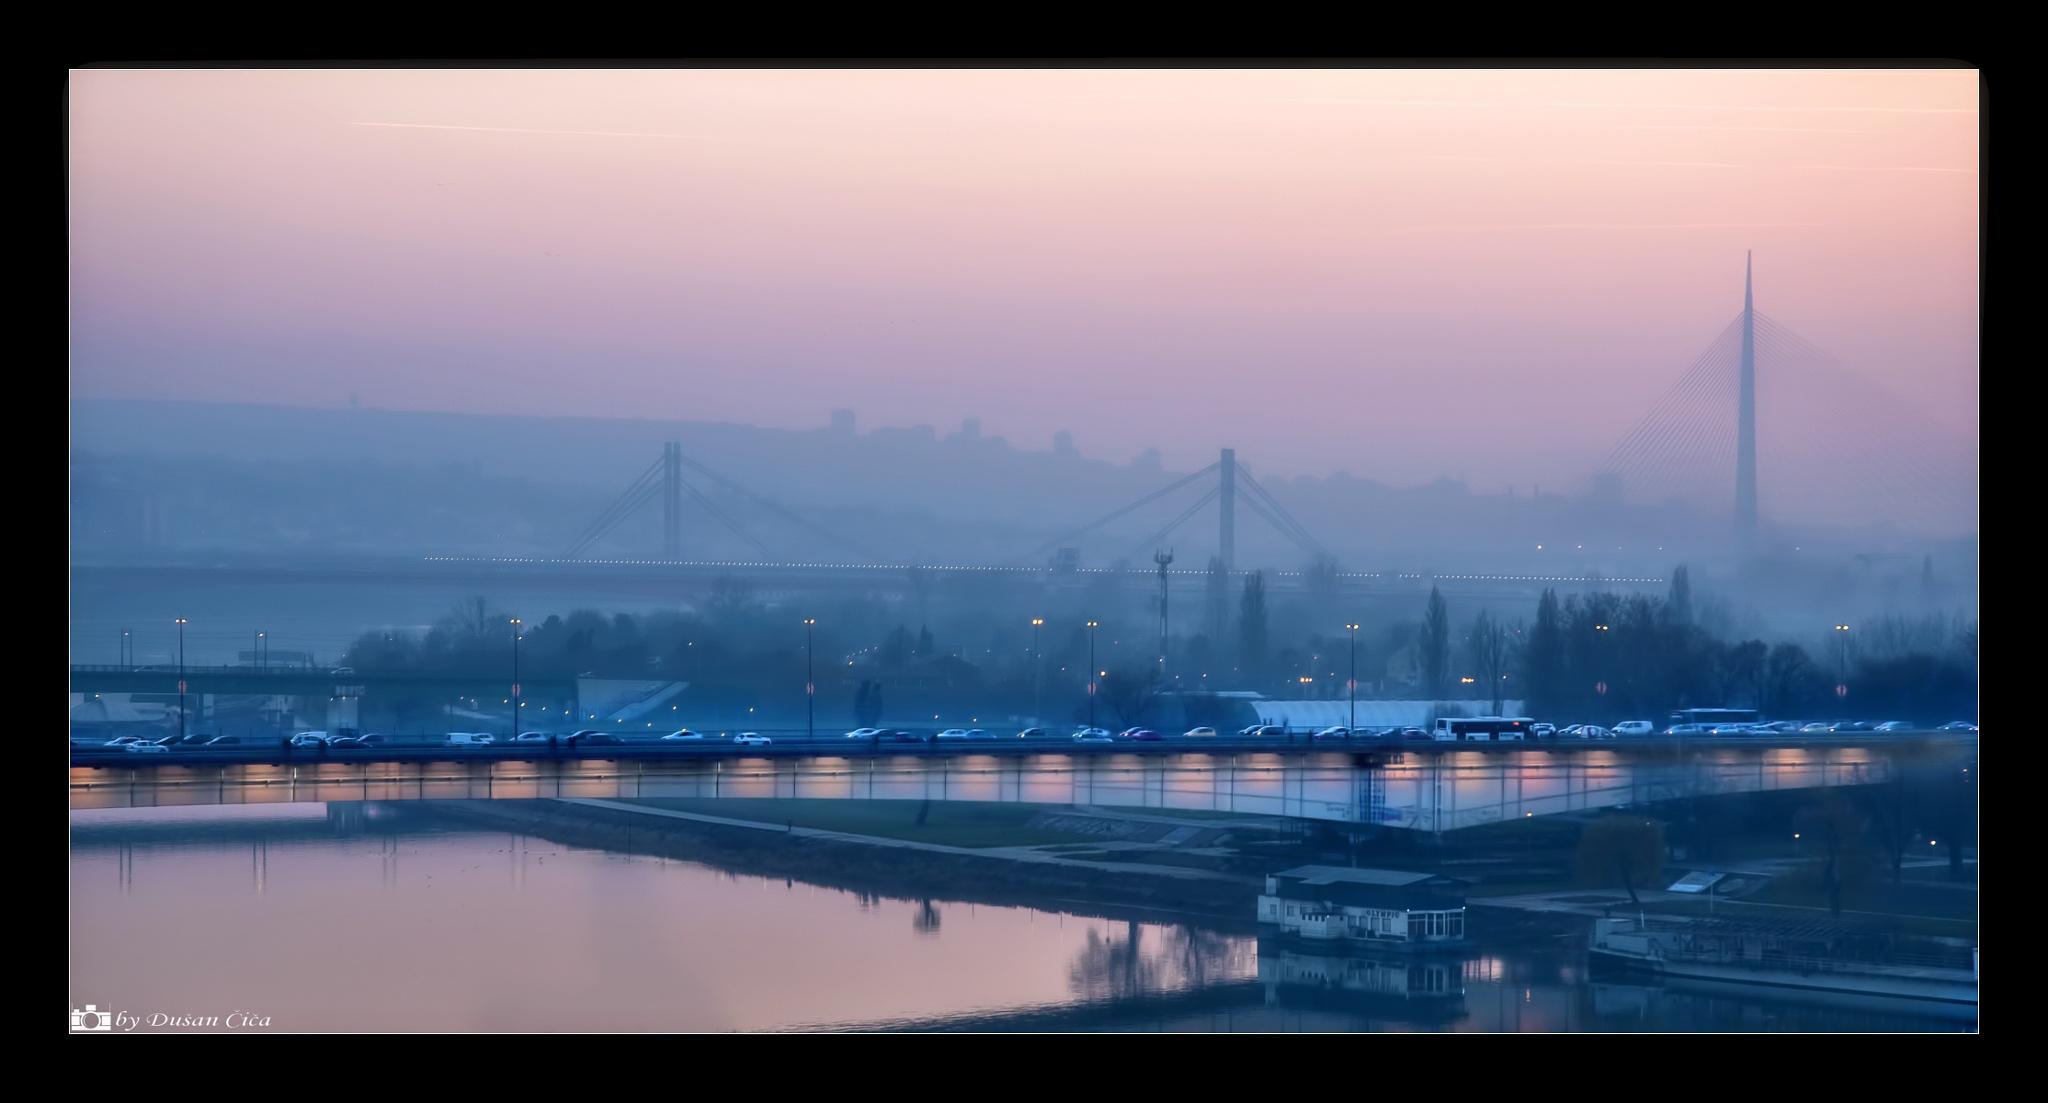 Belgrade bridges by Dušan Čiča